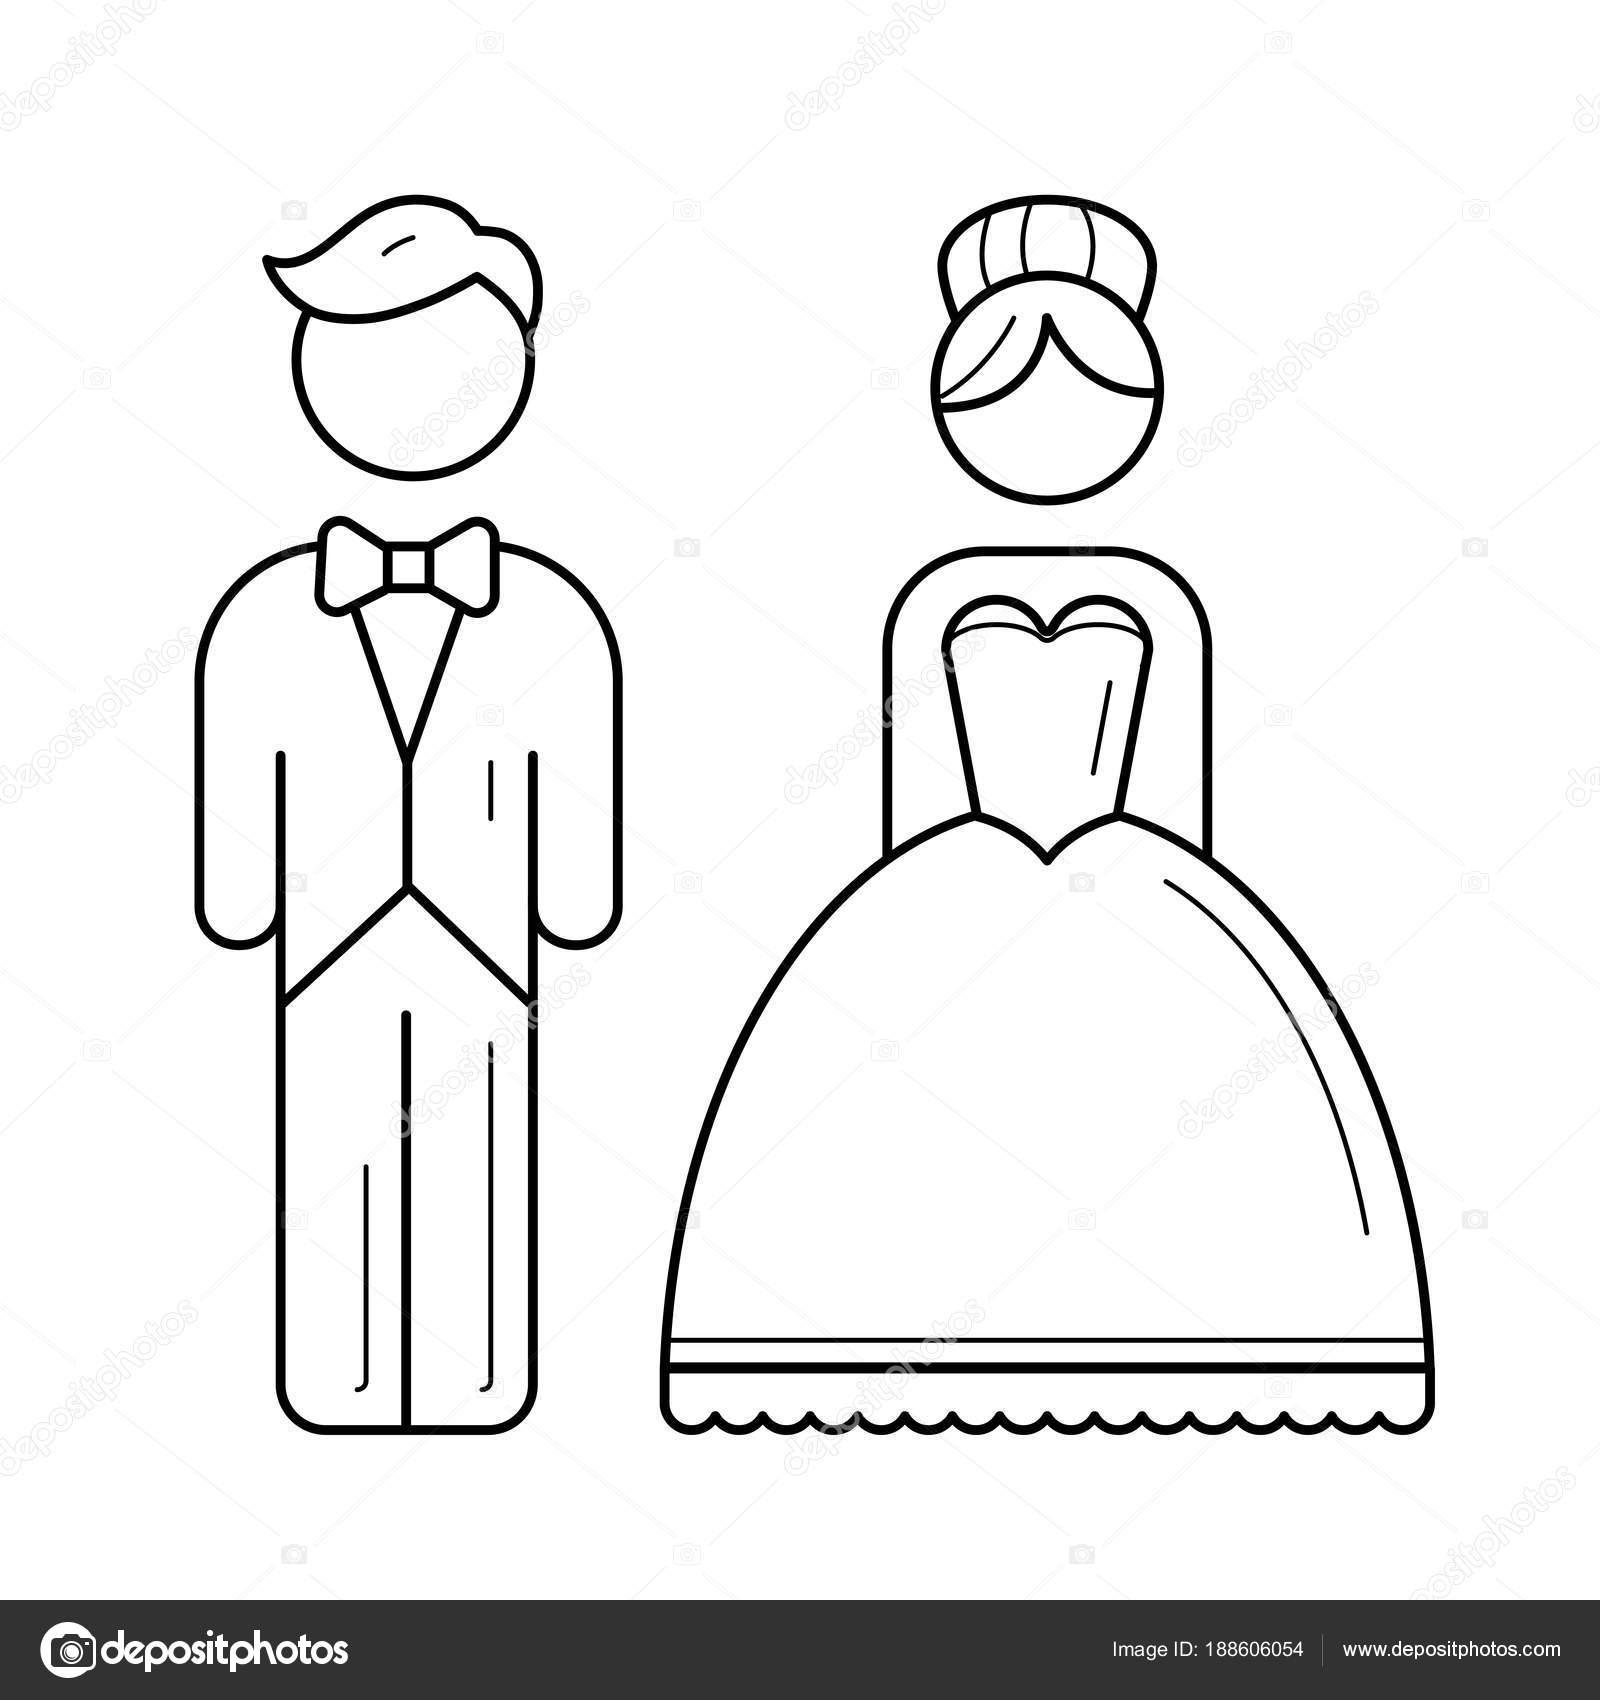 1311c72be3 Novia y el novio vector línea icono aislado sobre fondo blanco. Icono de  línea de matrimonio para infografía